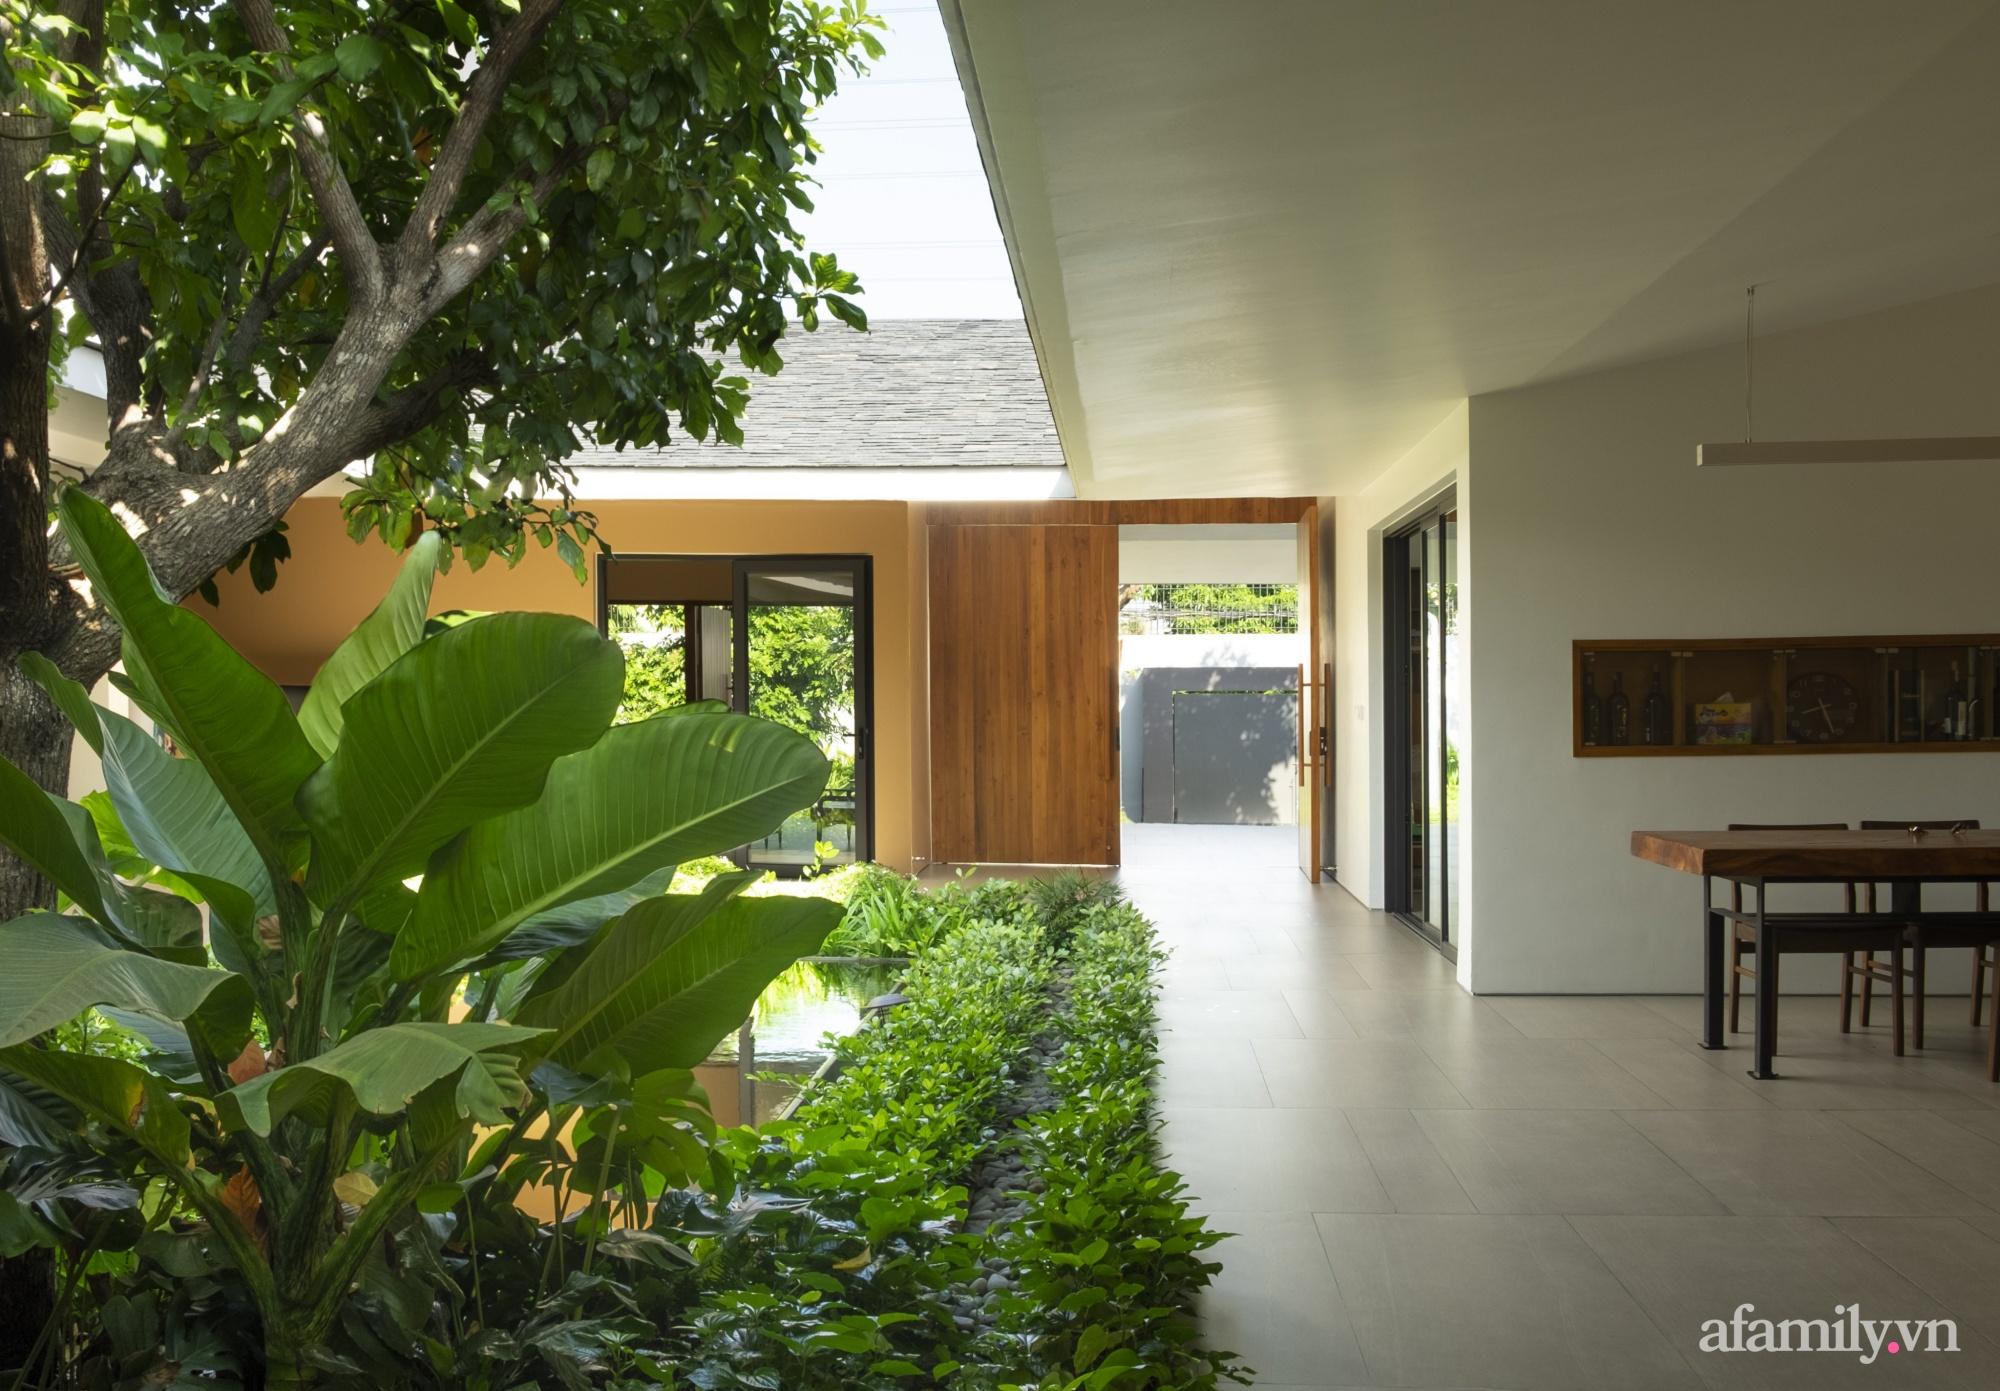 Ngôi nhà rợp mát bóng cây ở ngoại ô Sài Gòn tạo sự gắn kết cho gia đình 3 thế hệ - Ảnh 15.